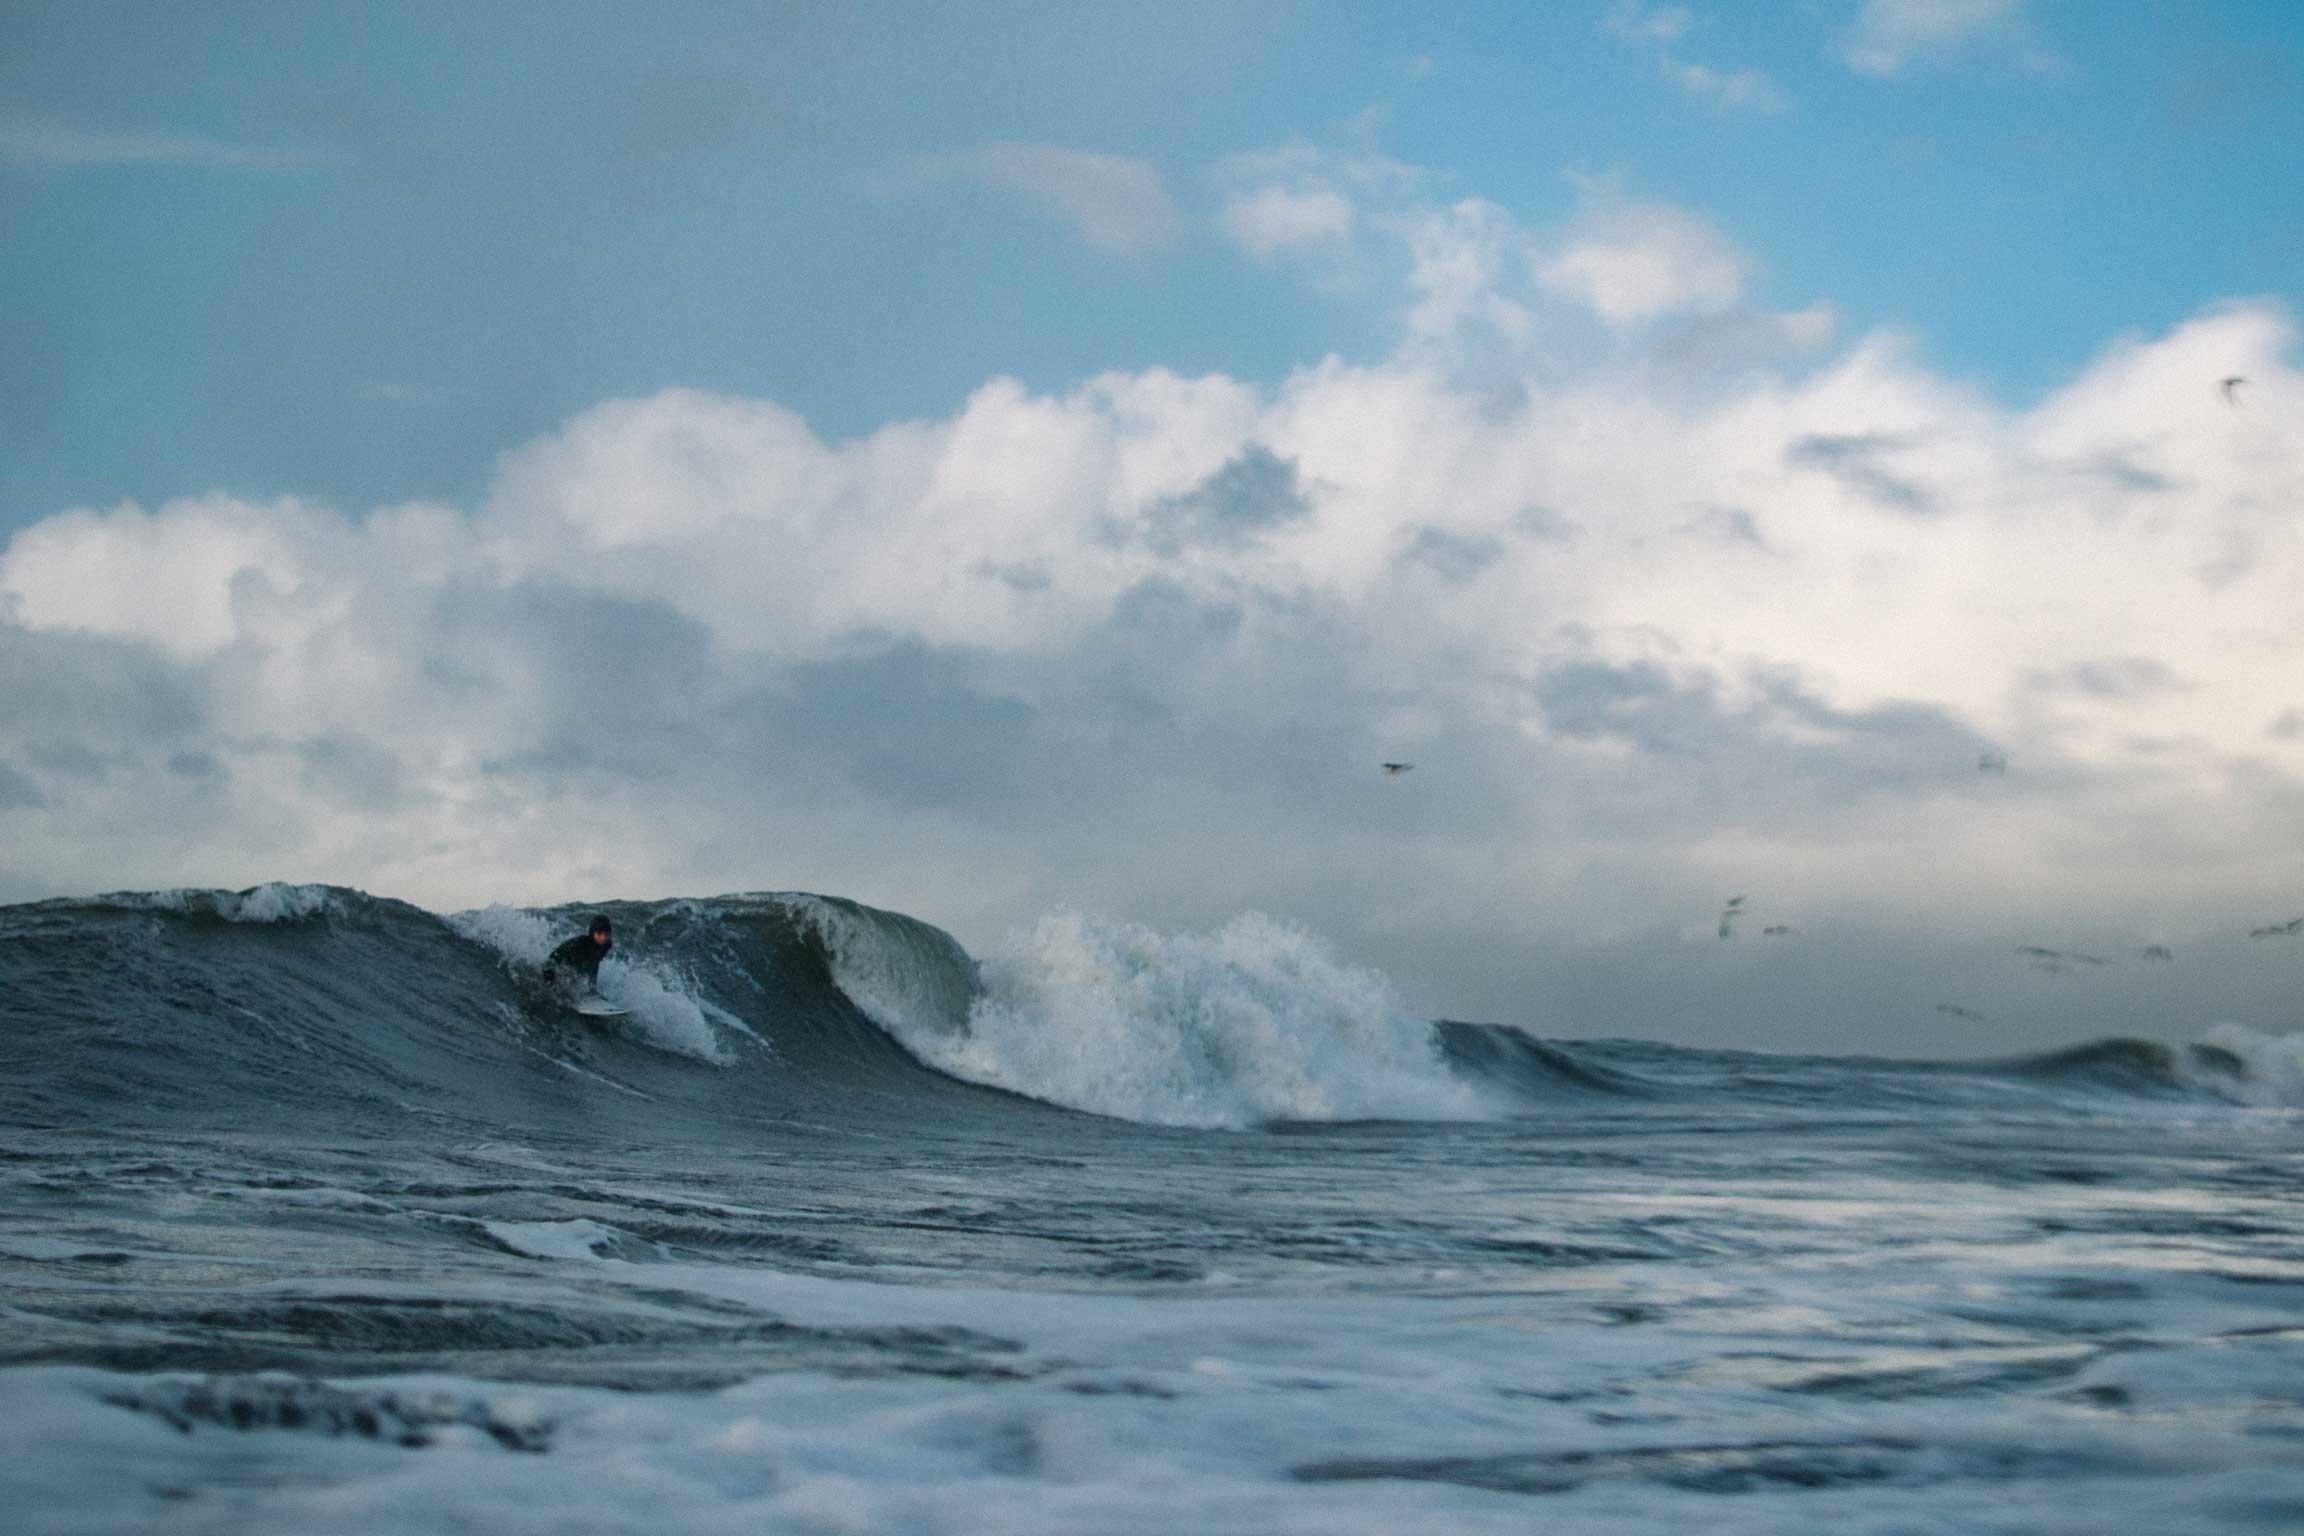 Vielleicht kein epischer, sicher aber ein guter Tag in der Ostsee. Credit: Vytas Kunigeliukas